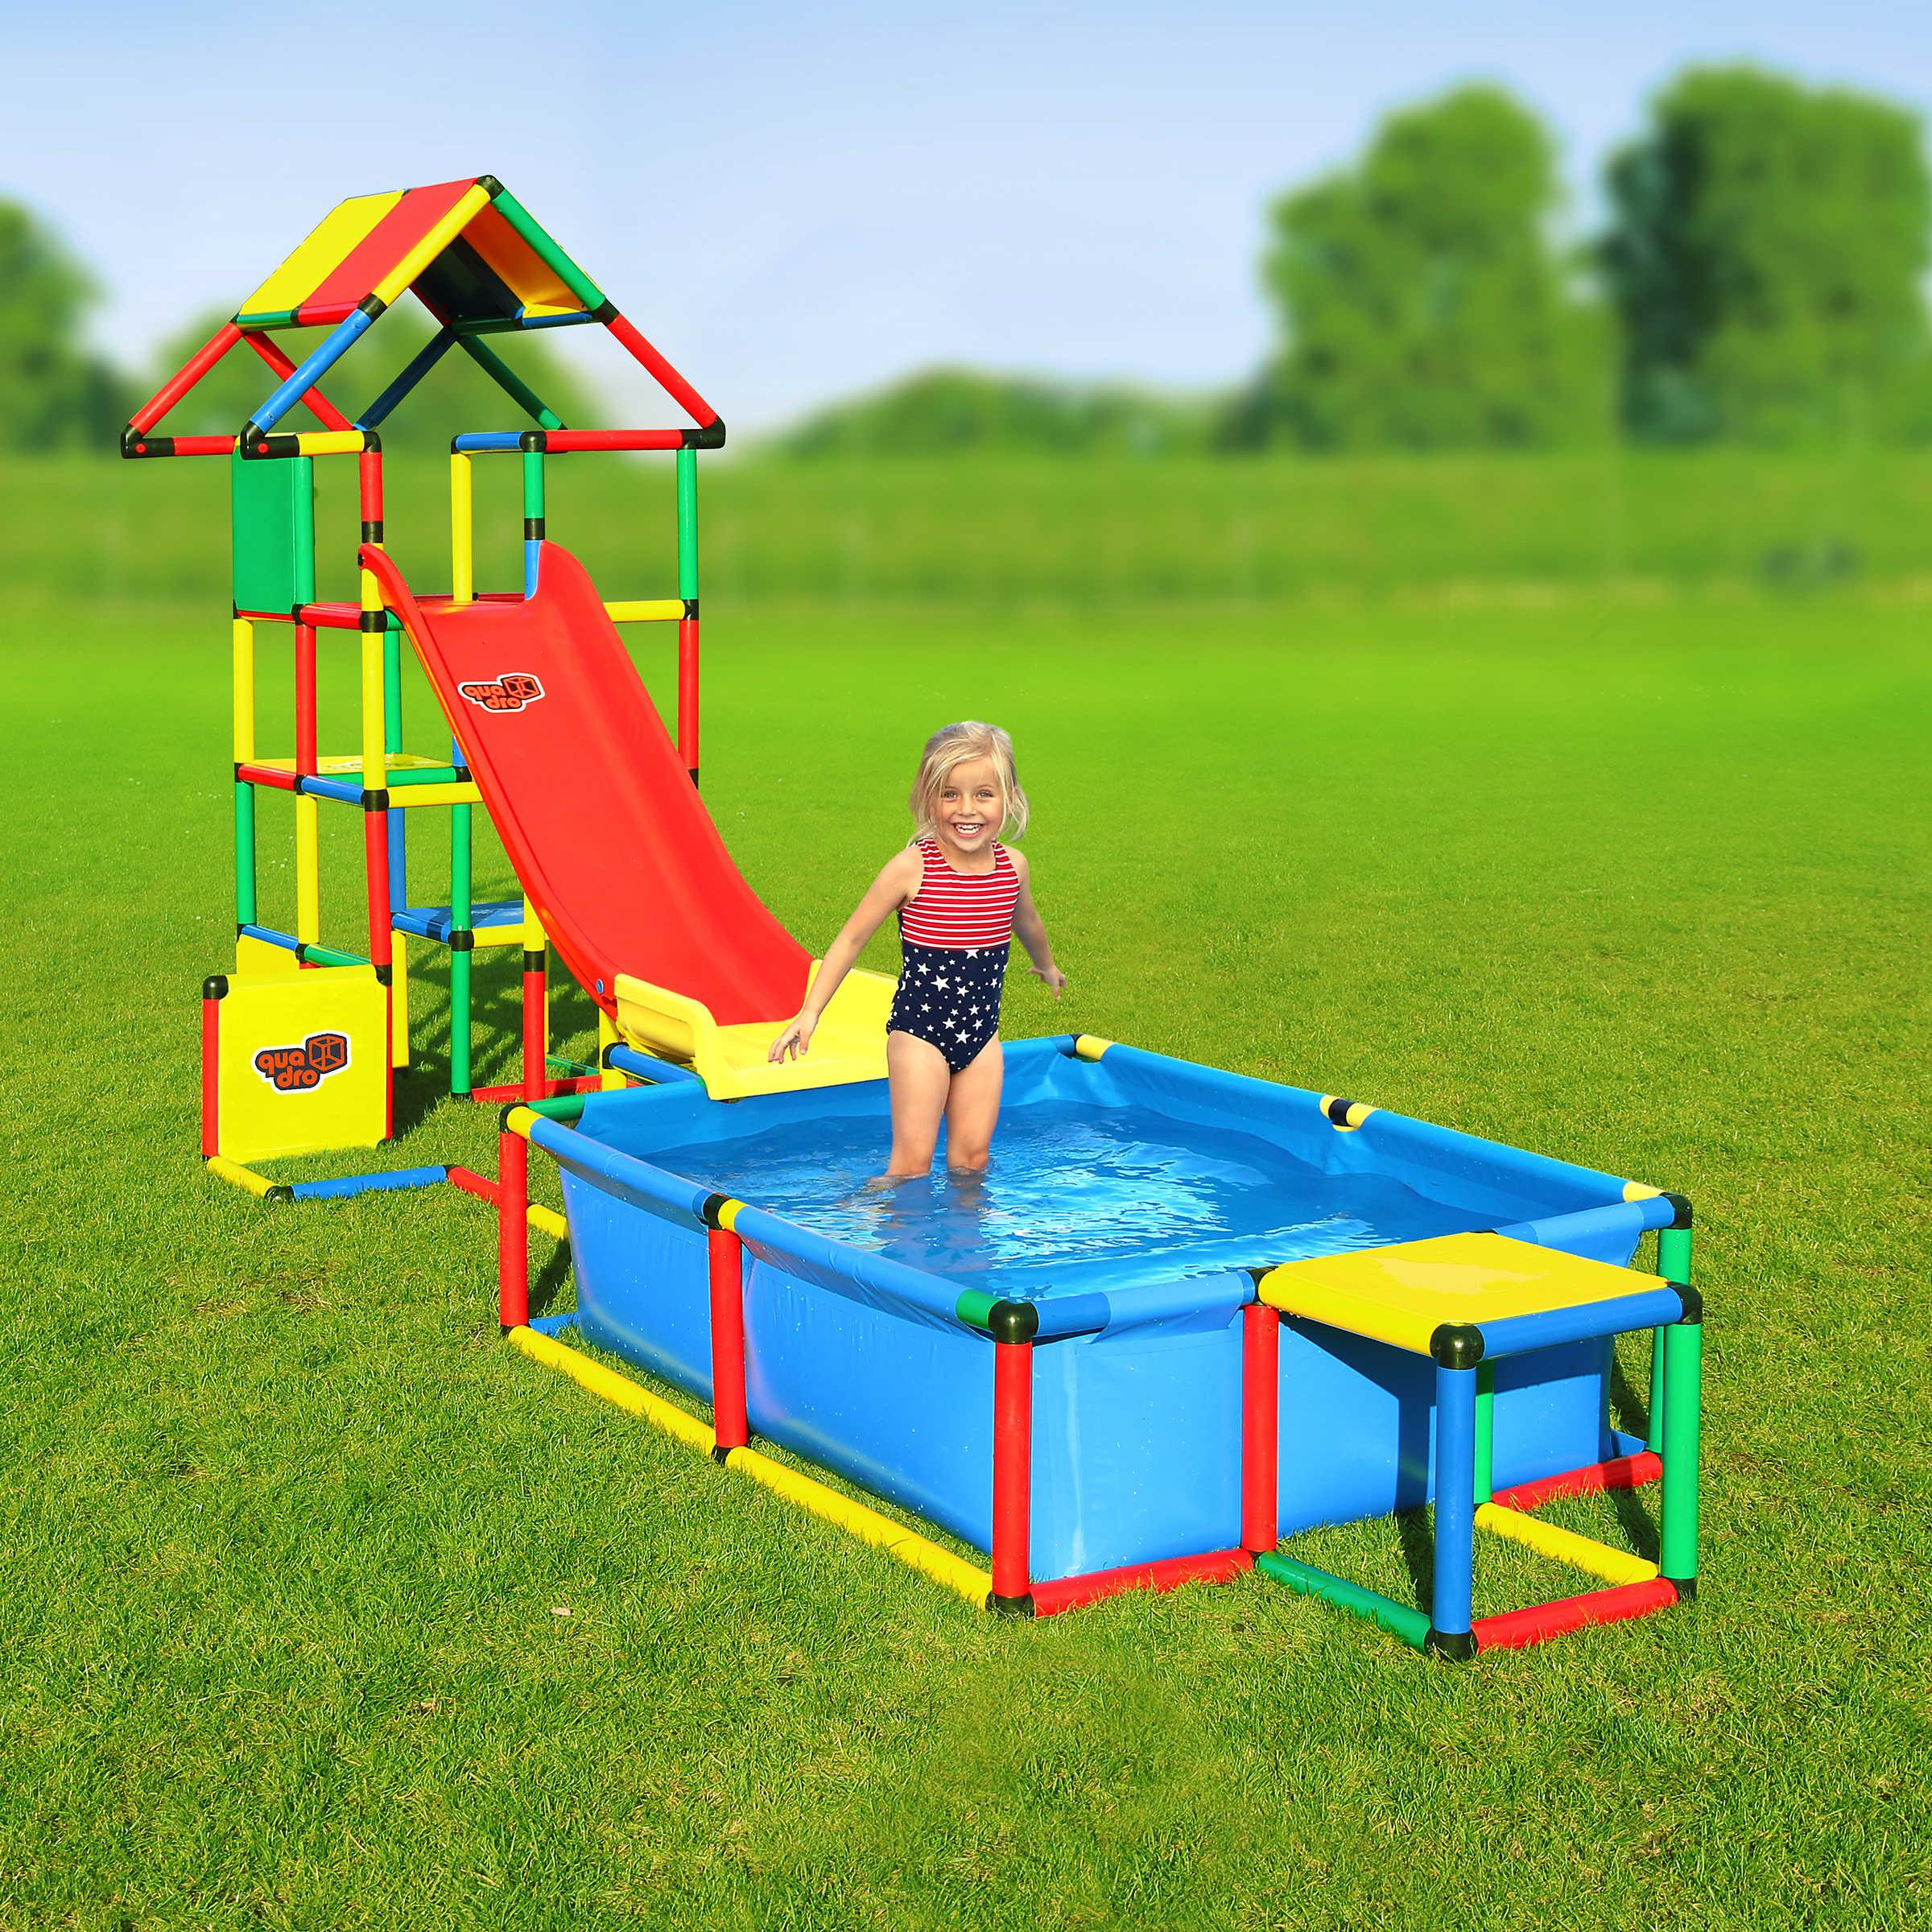 Klettergerüste fördern dein Kind umfassend  QUADRO World Tür